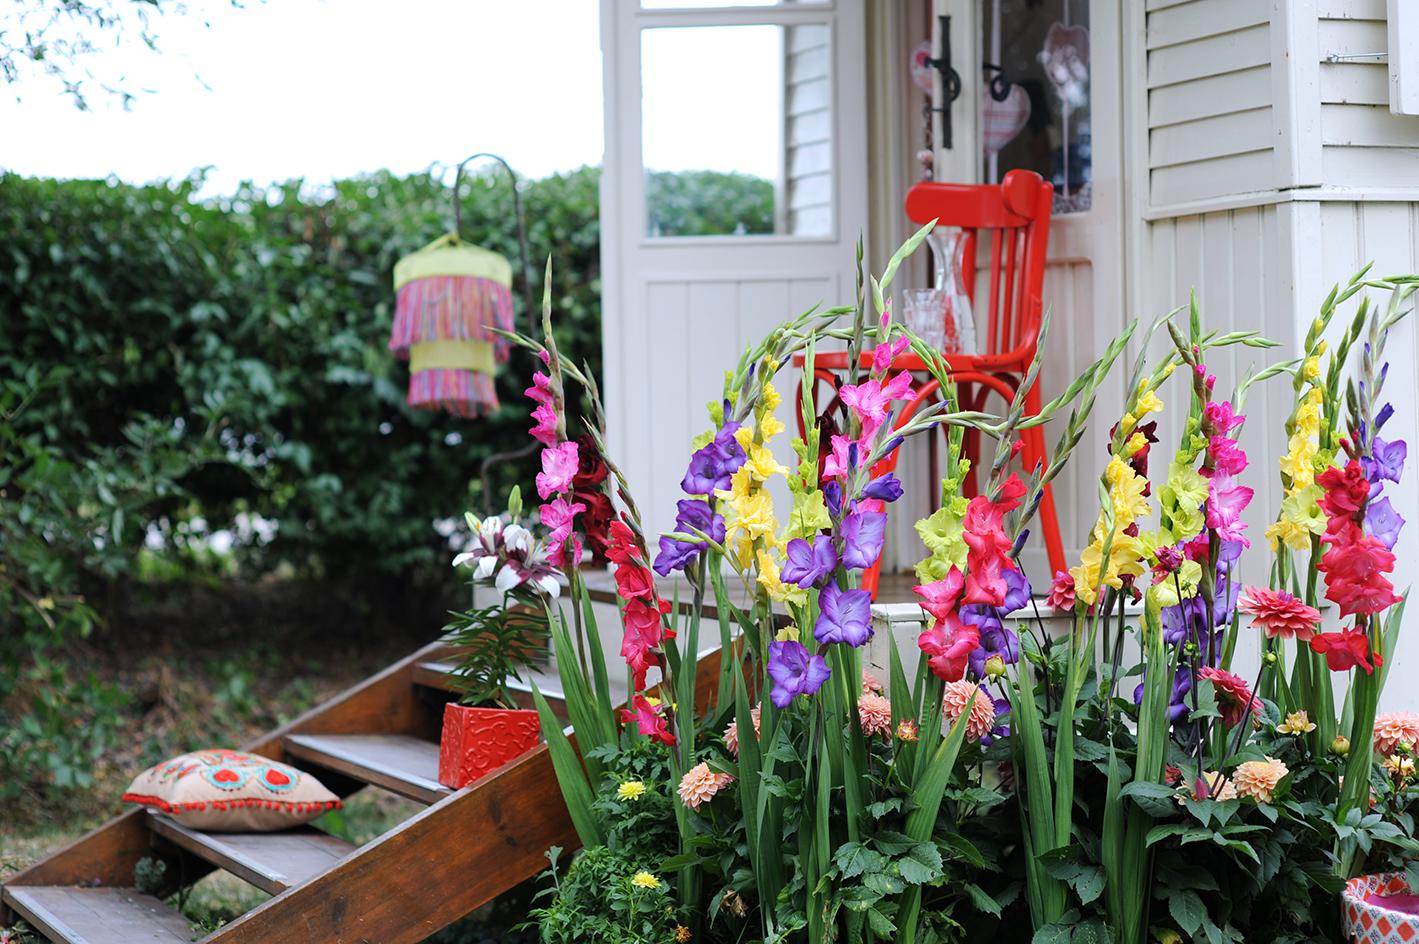 Quali Bulbi Piantare In Primavera bulbi a fioritura estiva: quali scegliere - gesal.it